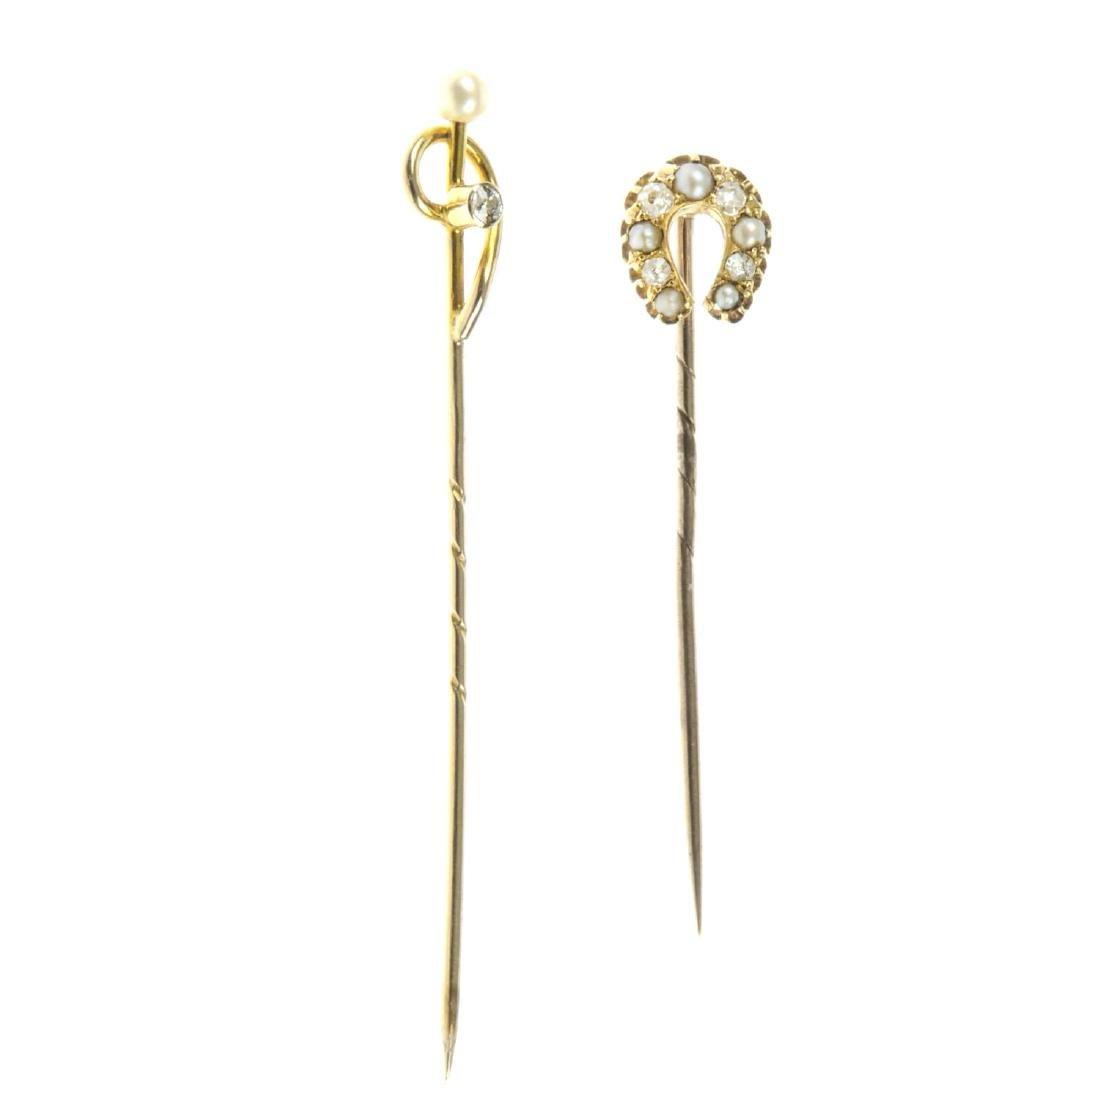 Two late Victorian gem-set stickpins. The first a